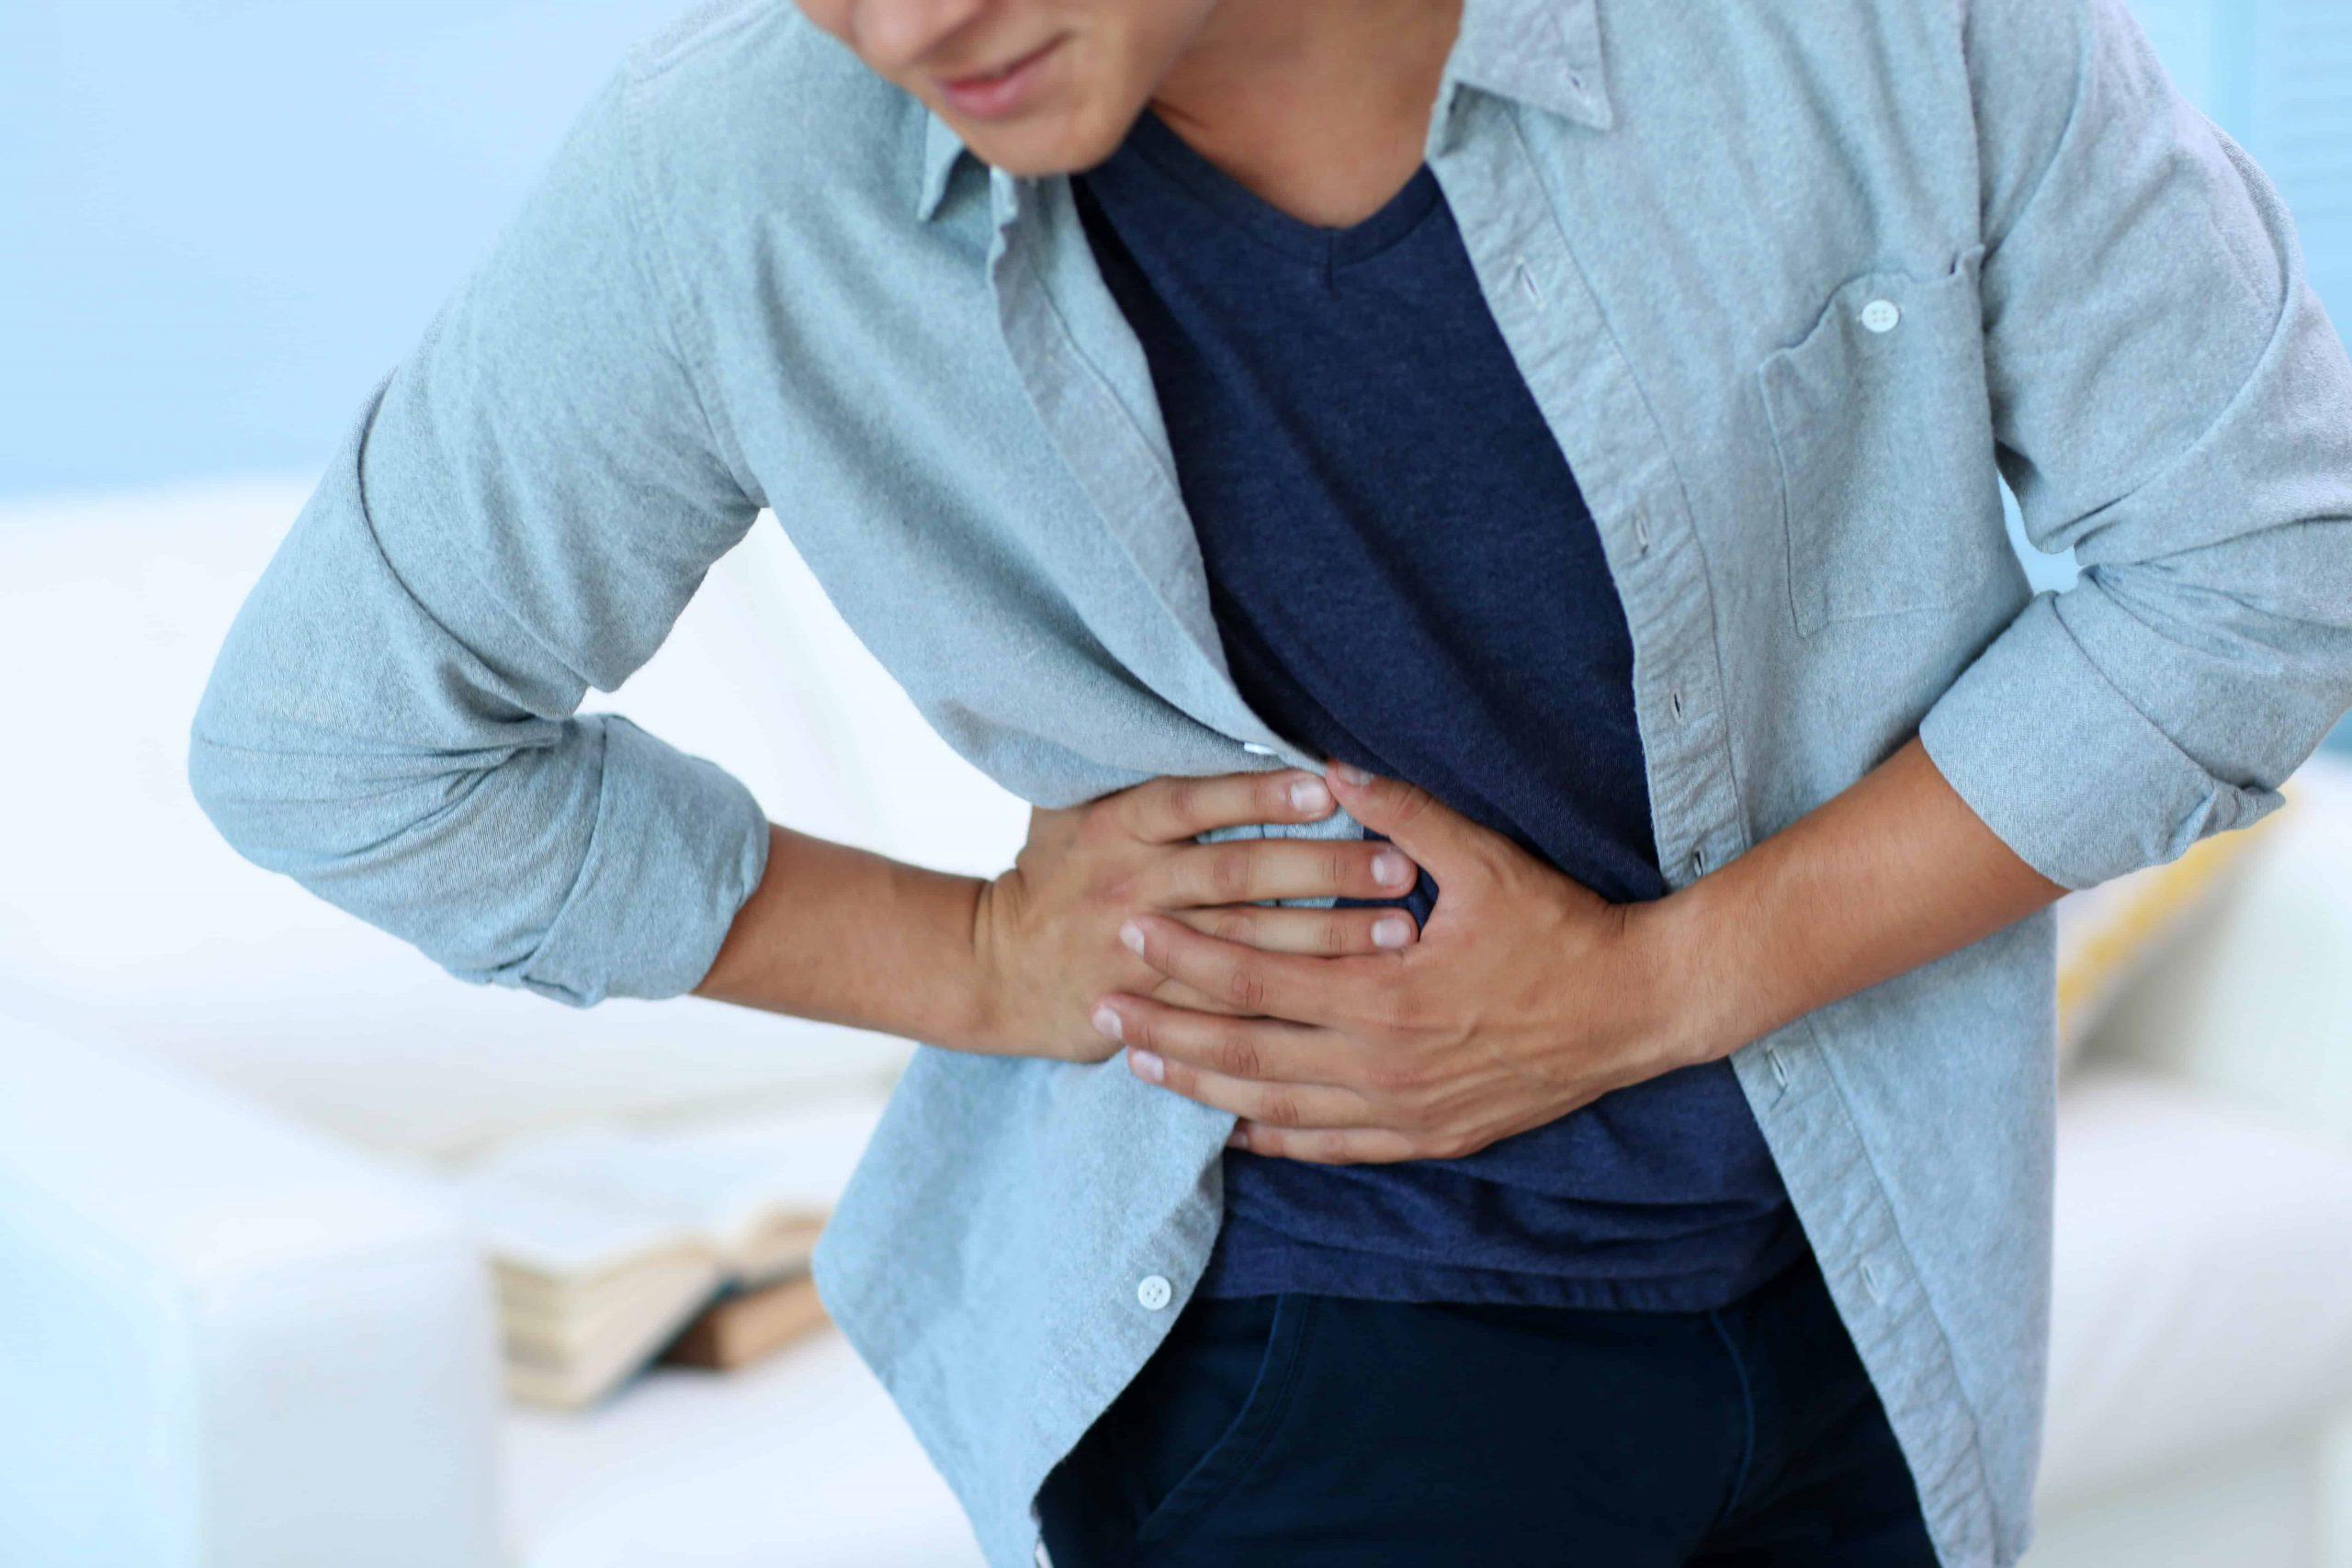 Nebennierenschwäche: Die Wichtigsten Fragen und Antworten